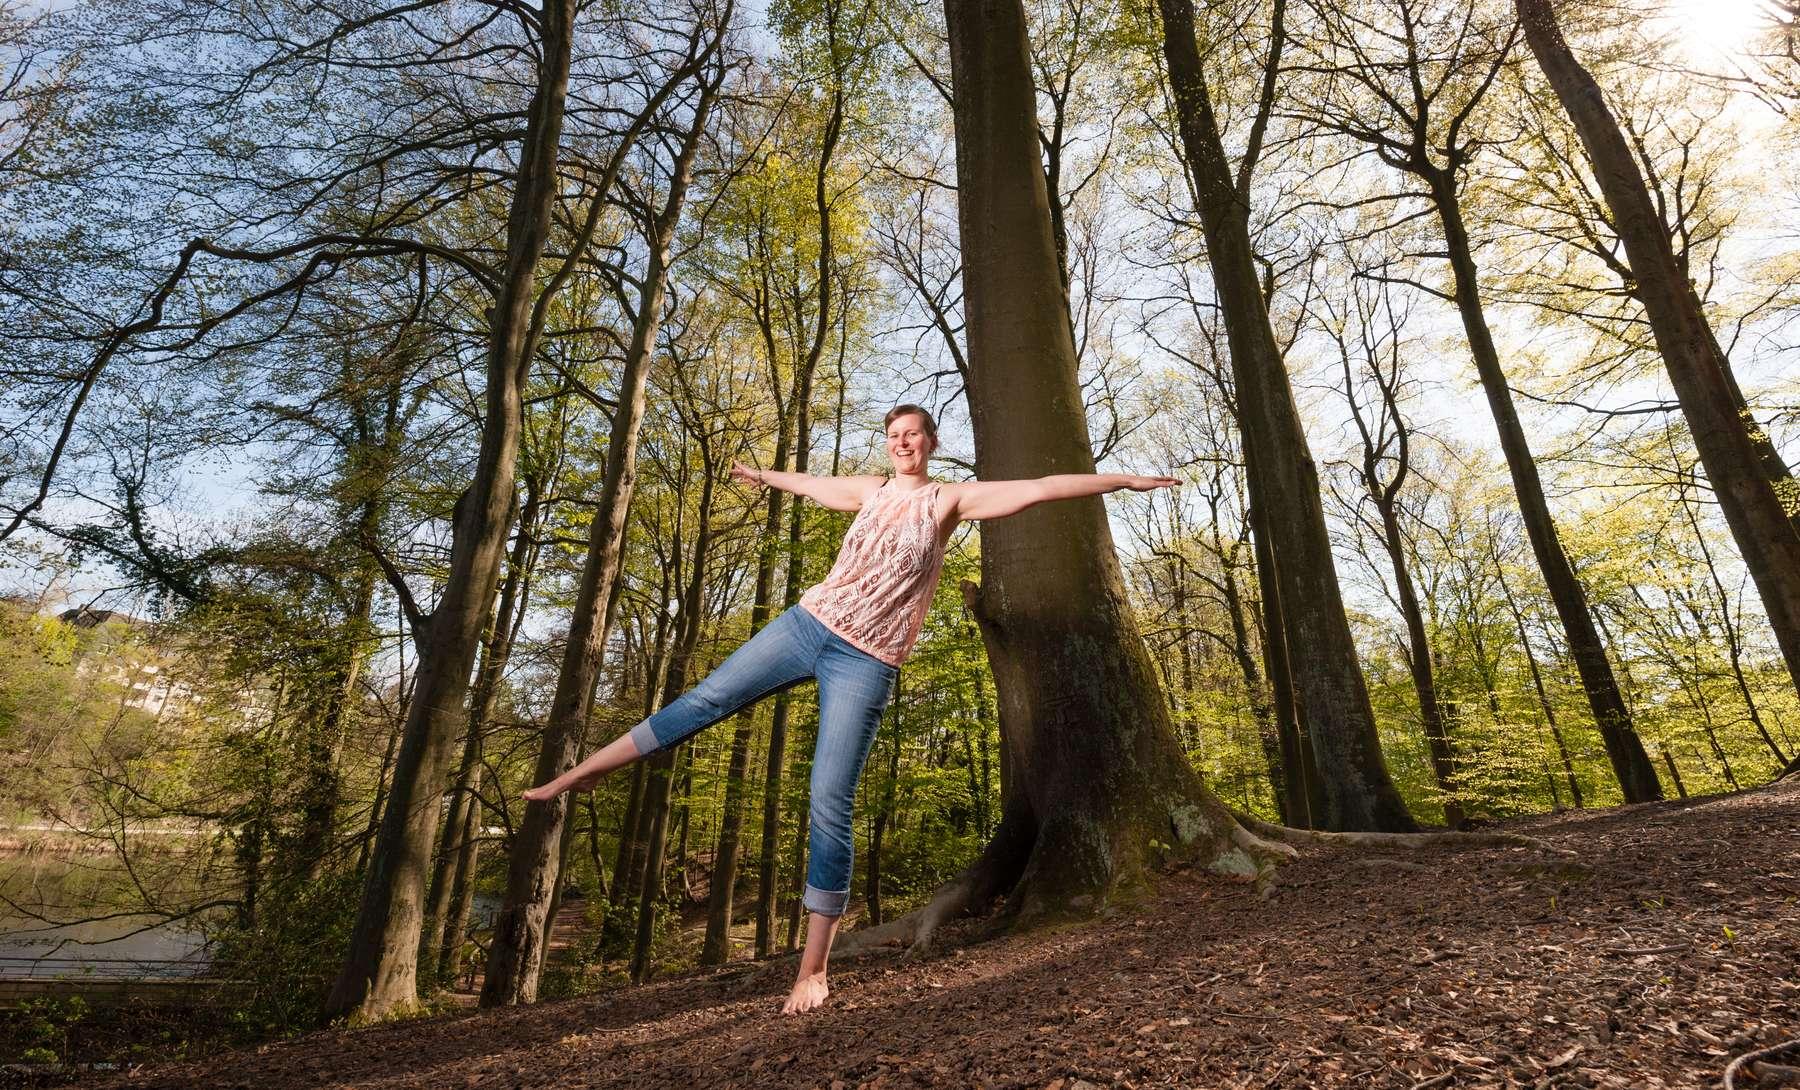 Personenfotograf Essen - Dynamisches Frühlings-Fotoshooting mit Barfuß-Balance-Übung einer jungen Frau im grünen Stadtwald der Margarethenhöhe inmitten der Stadt Essen